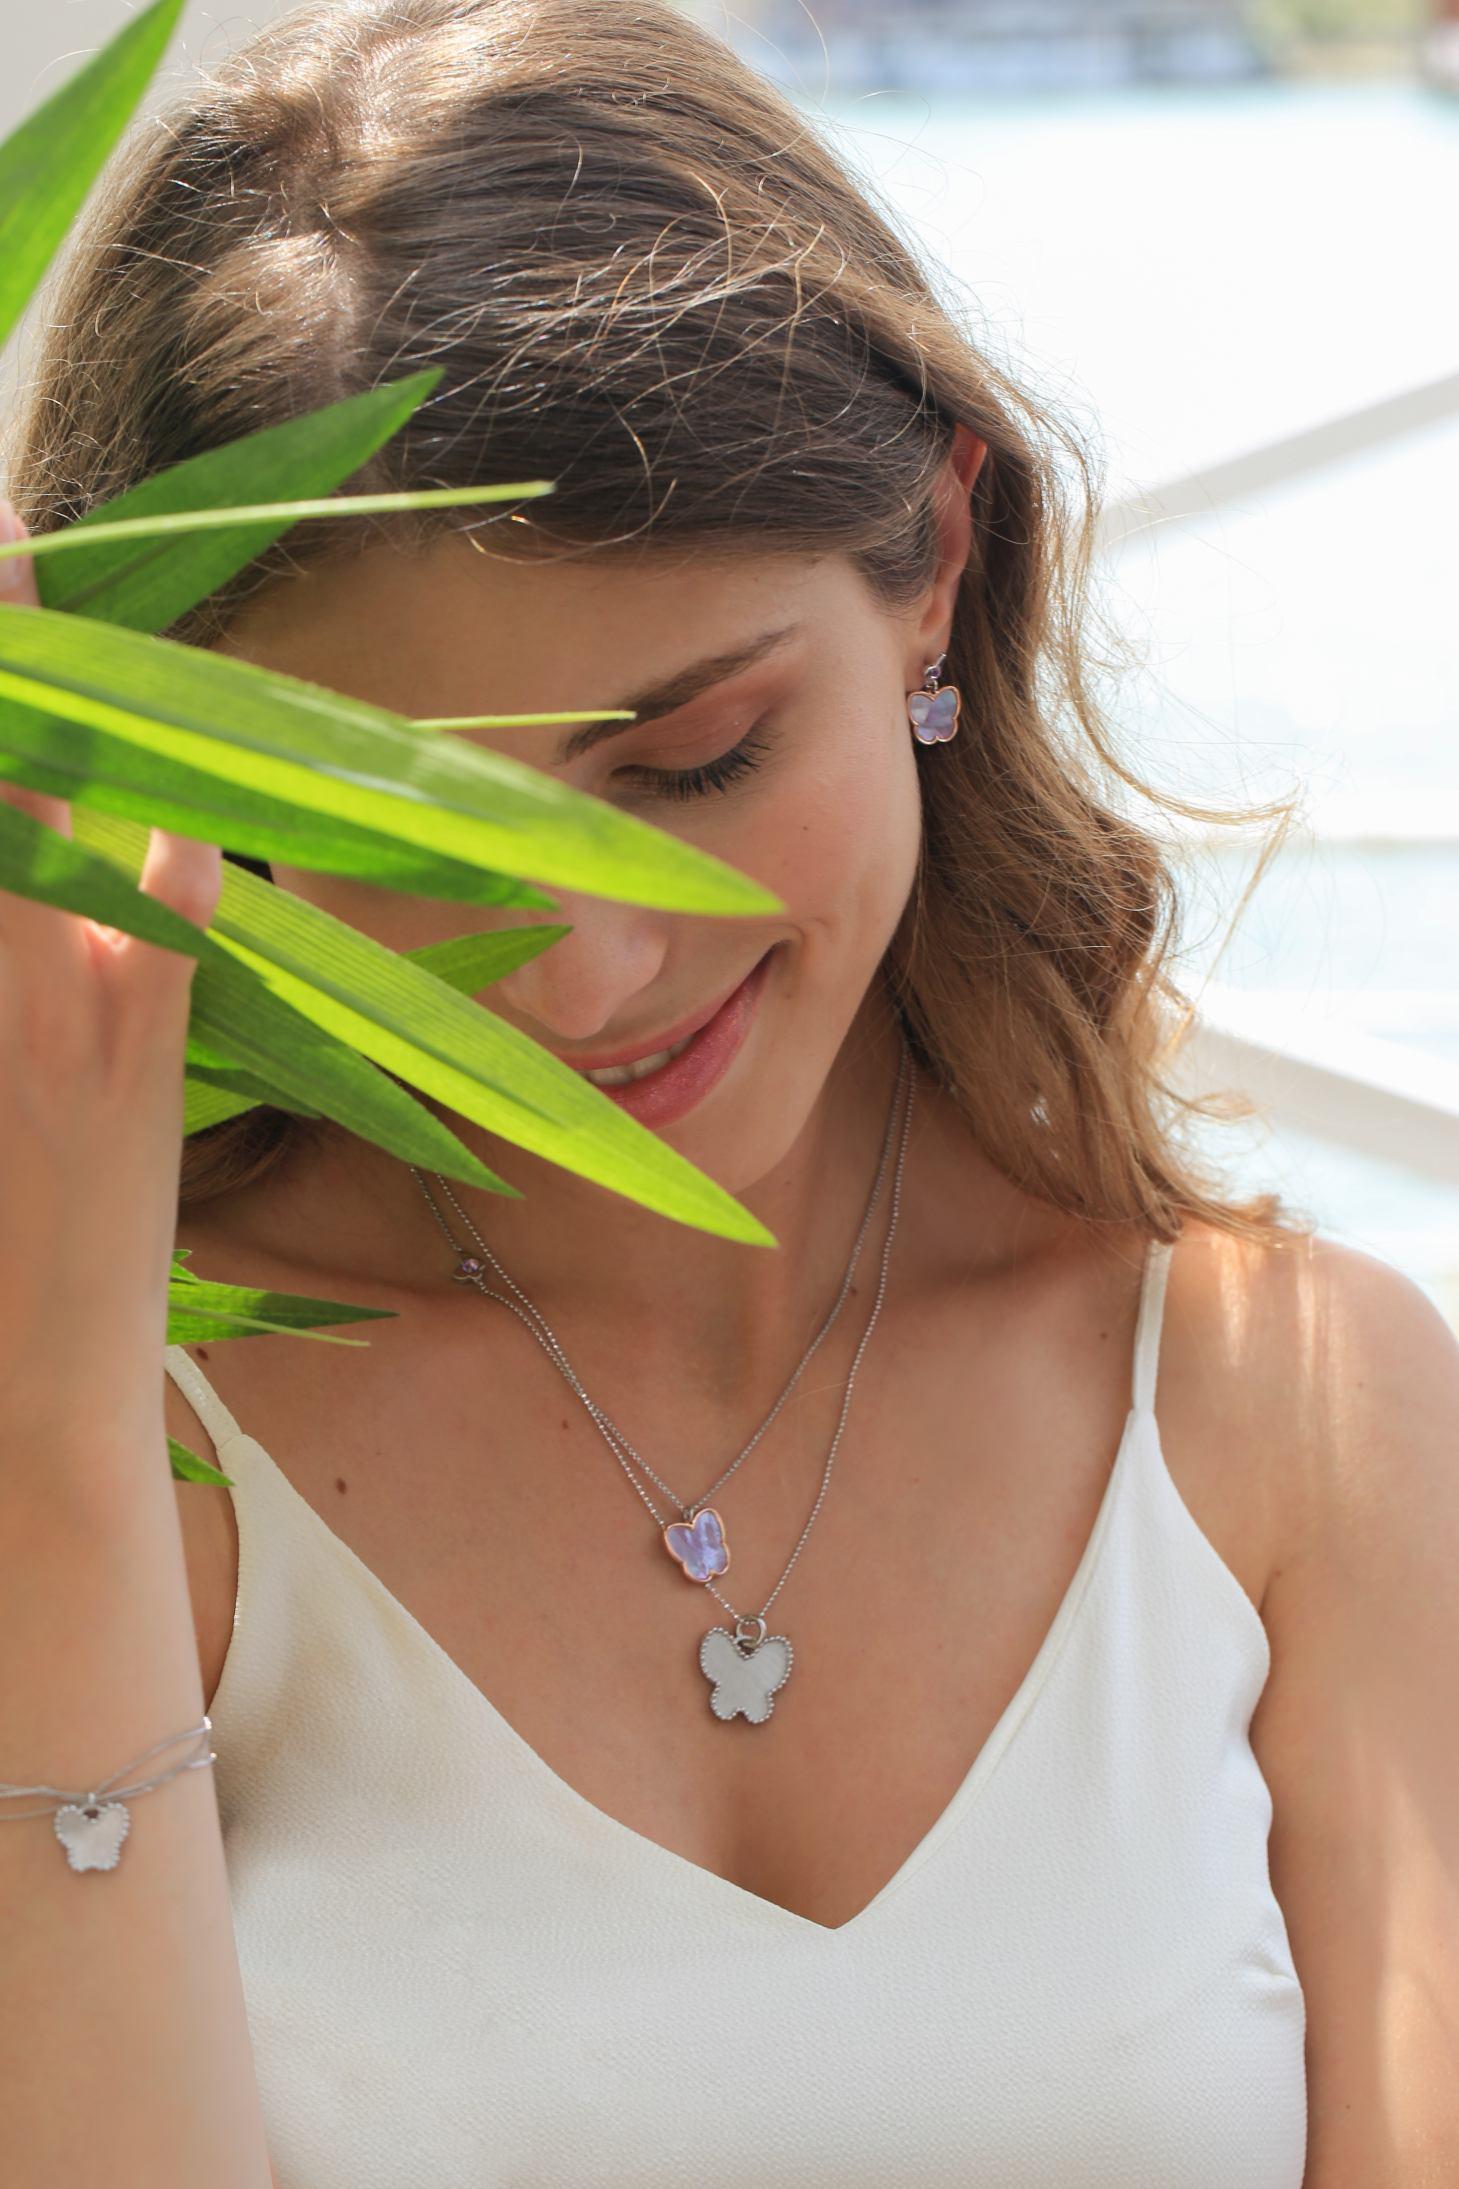 Srebrna ogrlica od 550kn, s popustom 275kn, nausnice cijena 410kn, s popustom 205kn, Argentum